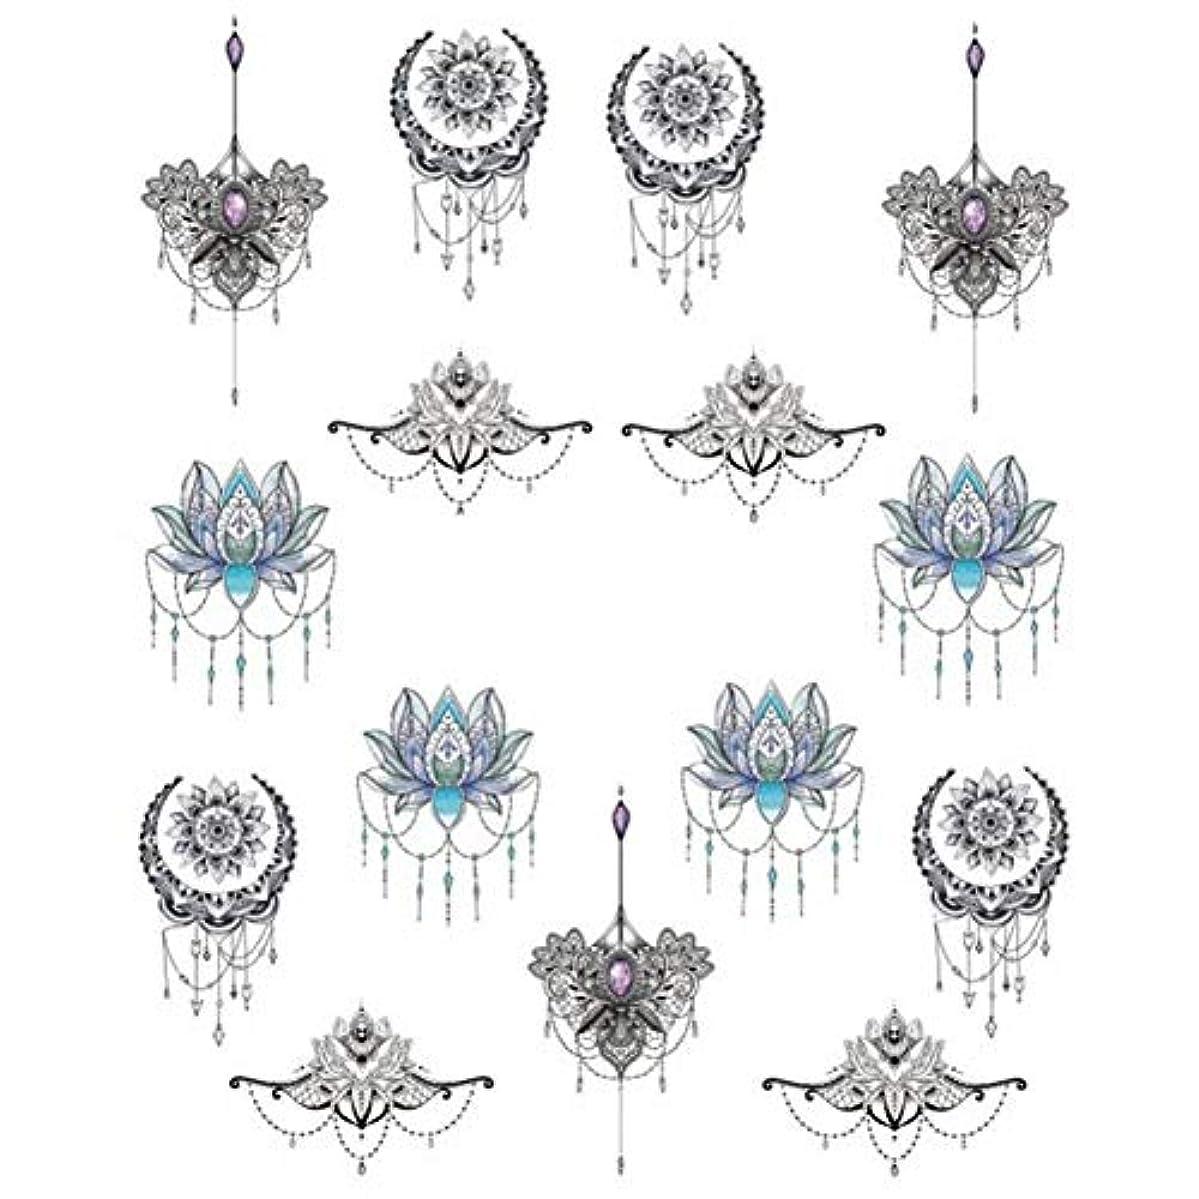 青ナイロン複合5ピースネイルアートステッカー、ネックレスドリームキャッチャーネットパターン水転写DIYネイルアートステッカー装飾デカール(2#)